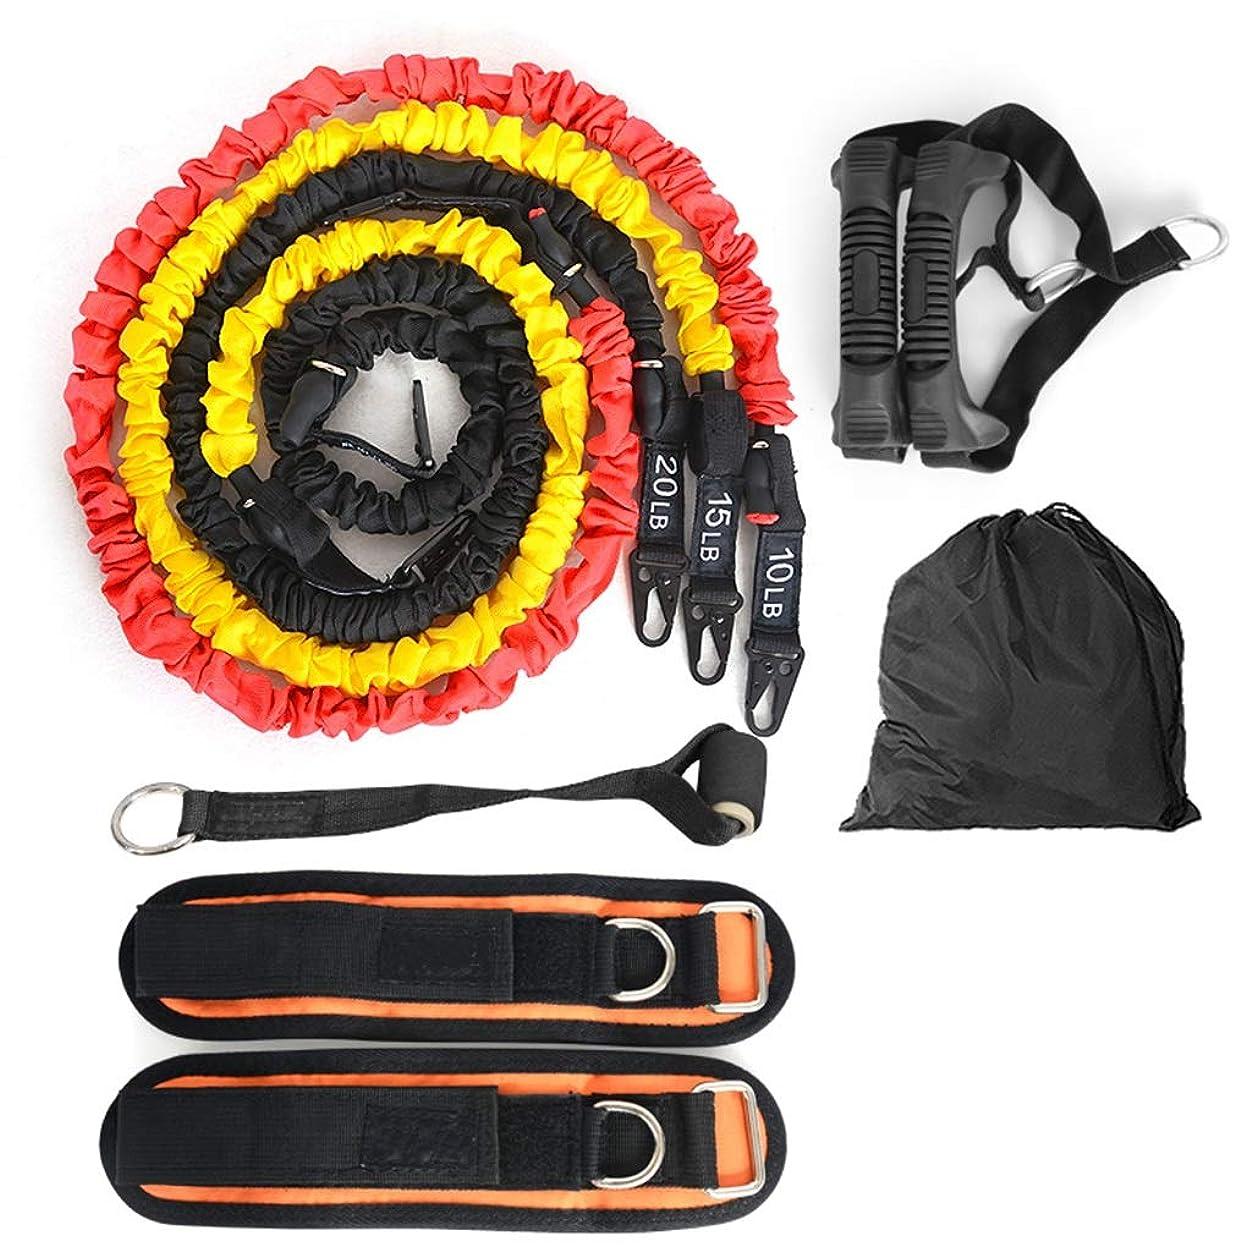 カスケード標高蒸し器多機能ワードロープの男性と女性のフィットネス機器の抵抗薄い腕のトレーニング弾性ロープ弾性ベルトテンショナー (色 : 45 pounds)